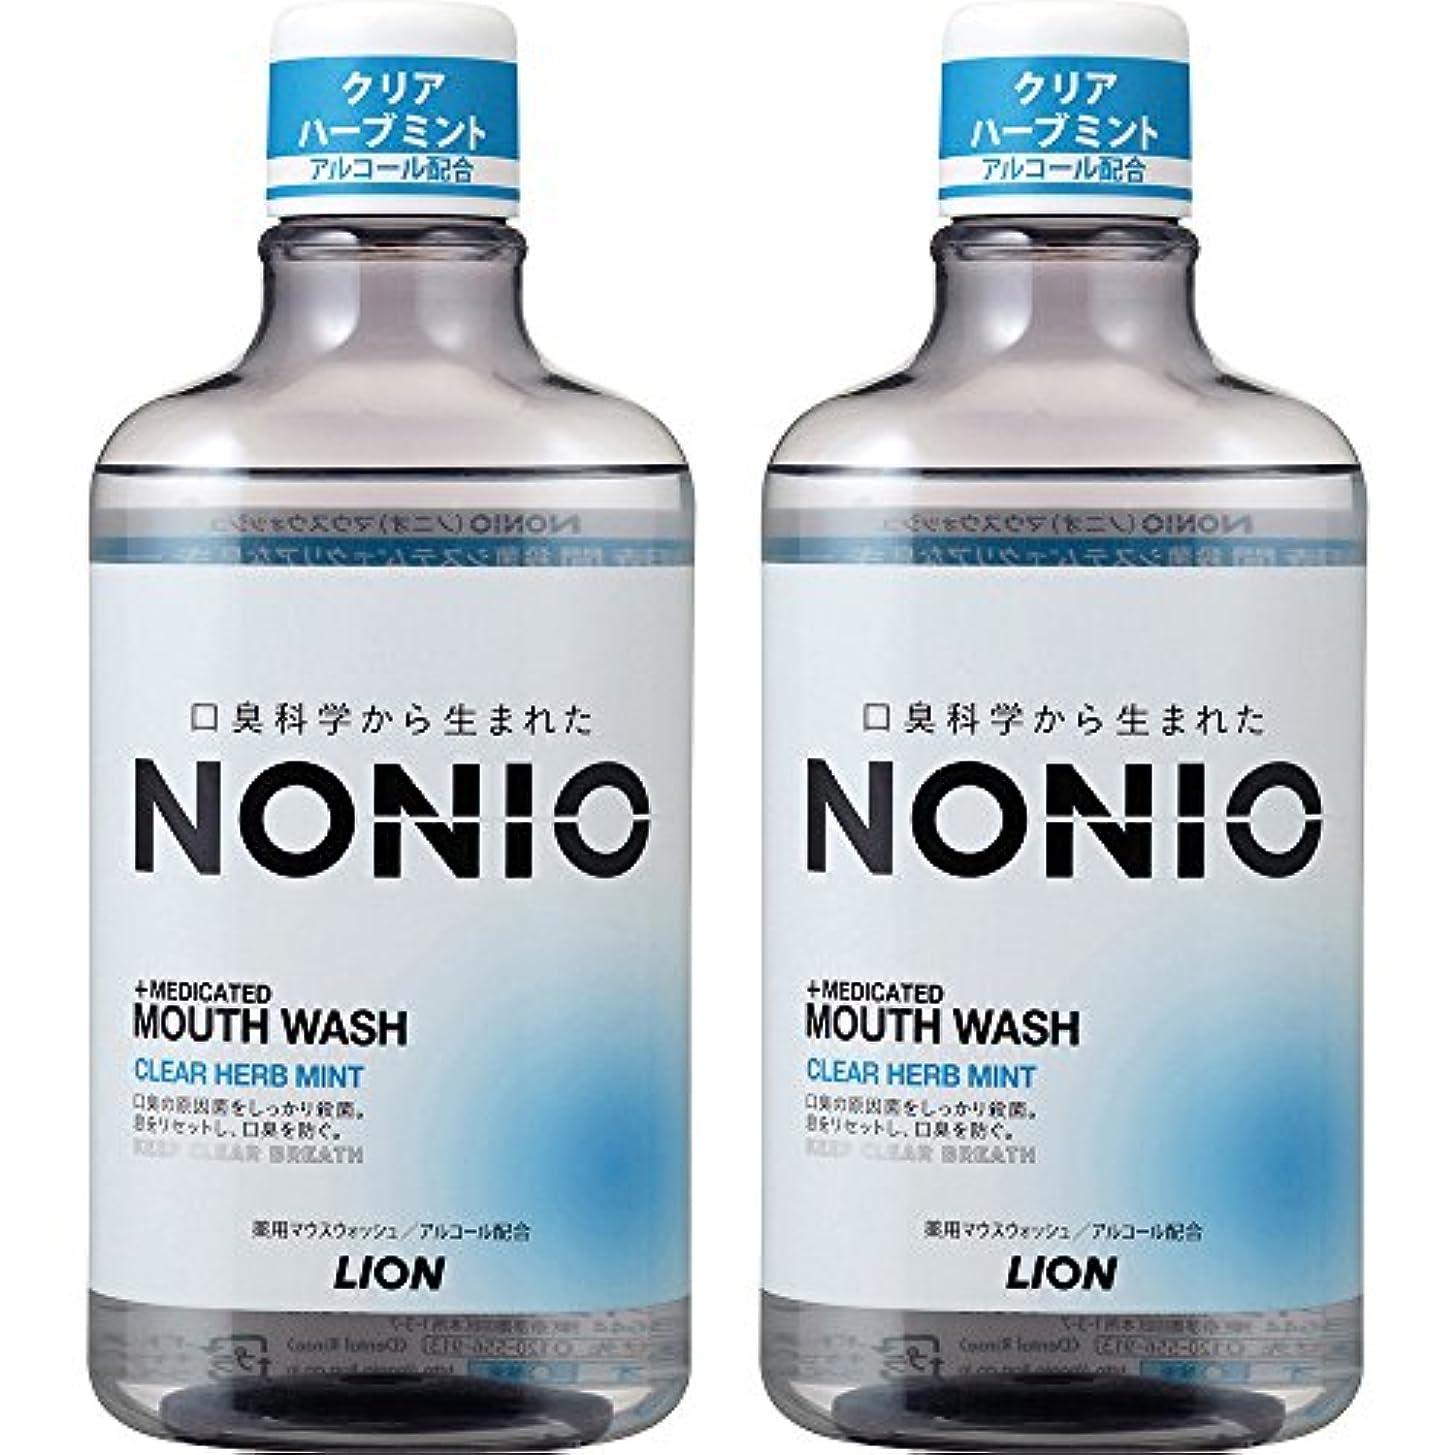 ブローする必要がある癒す[医薬部外品]NONIO(ノニオ) マウスウォッシュ クリアハーブミント 600ml×2個 洗口液